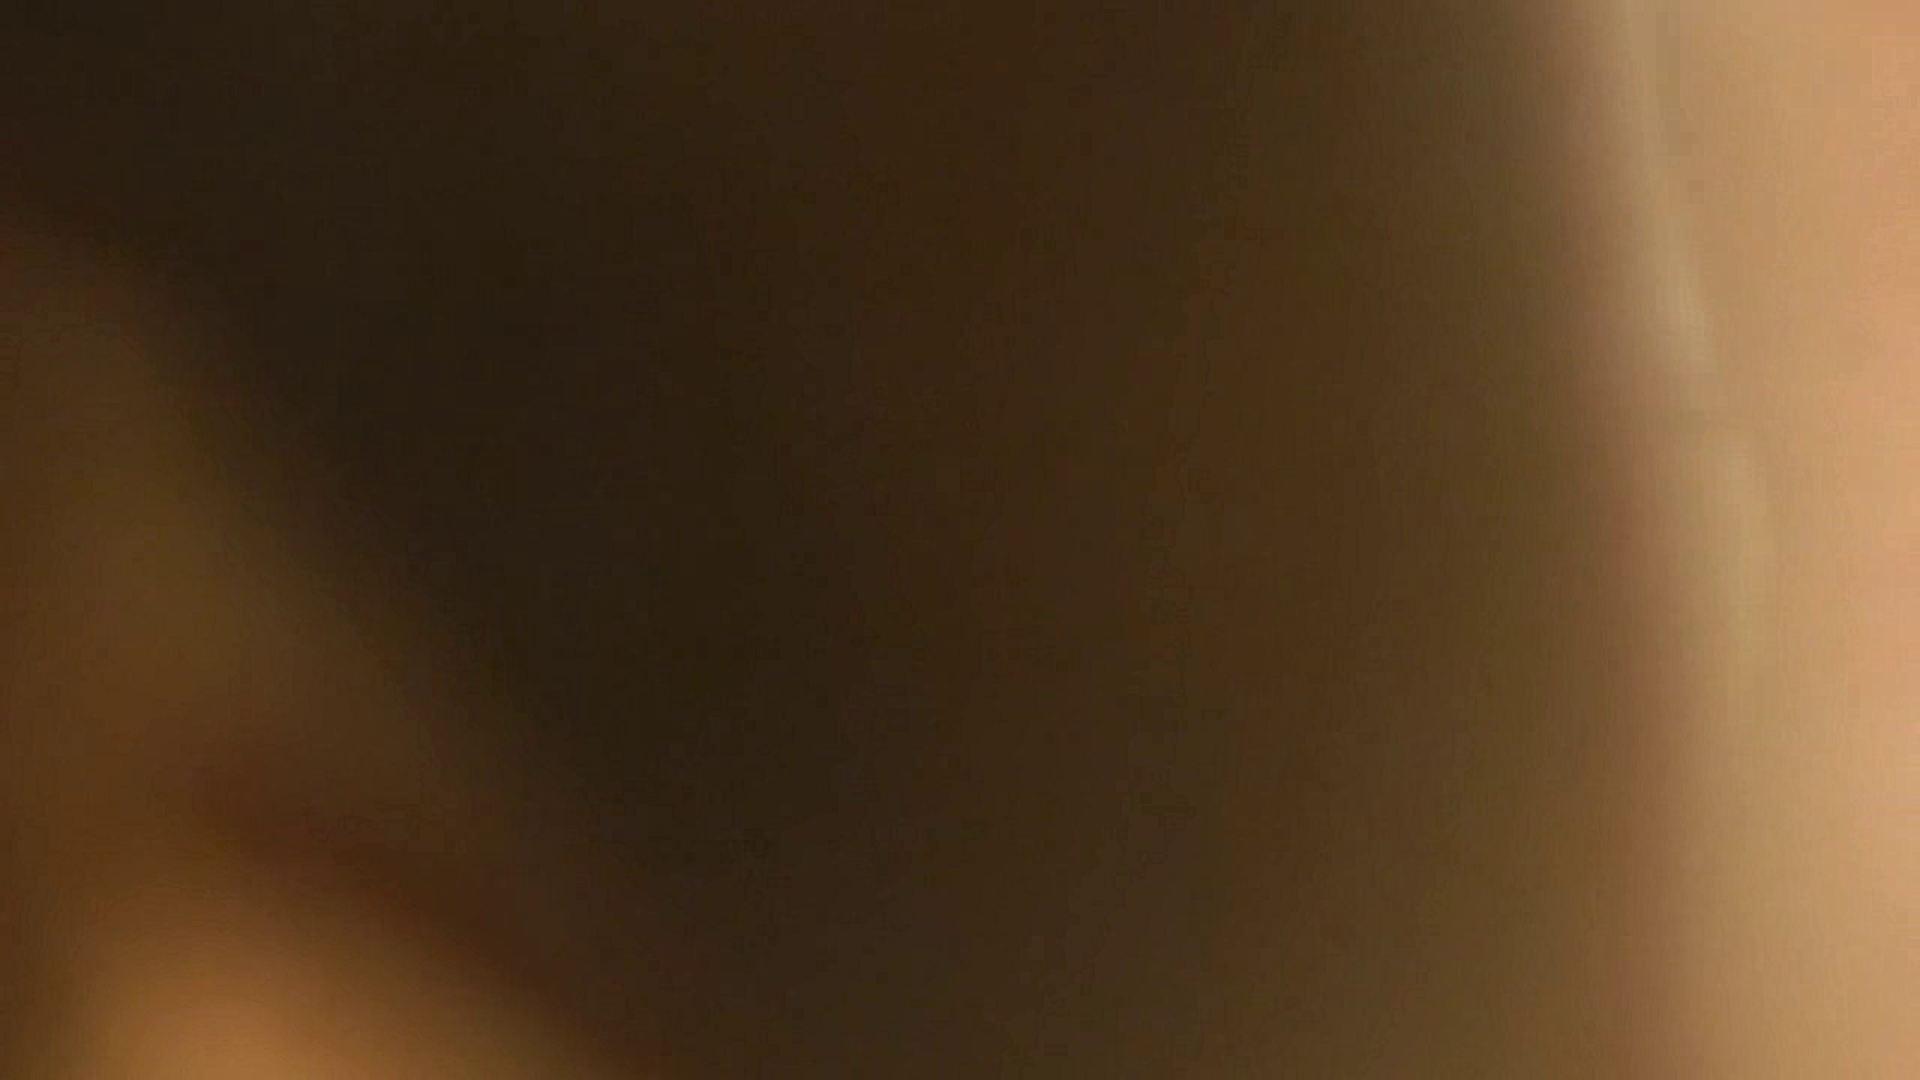 vol.1 Mayumi 窓越しに入浴シーン撮影に成功 OL   入浴シーン  89連発 44